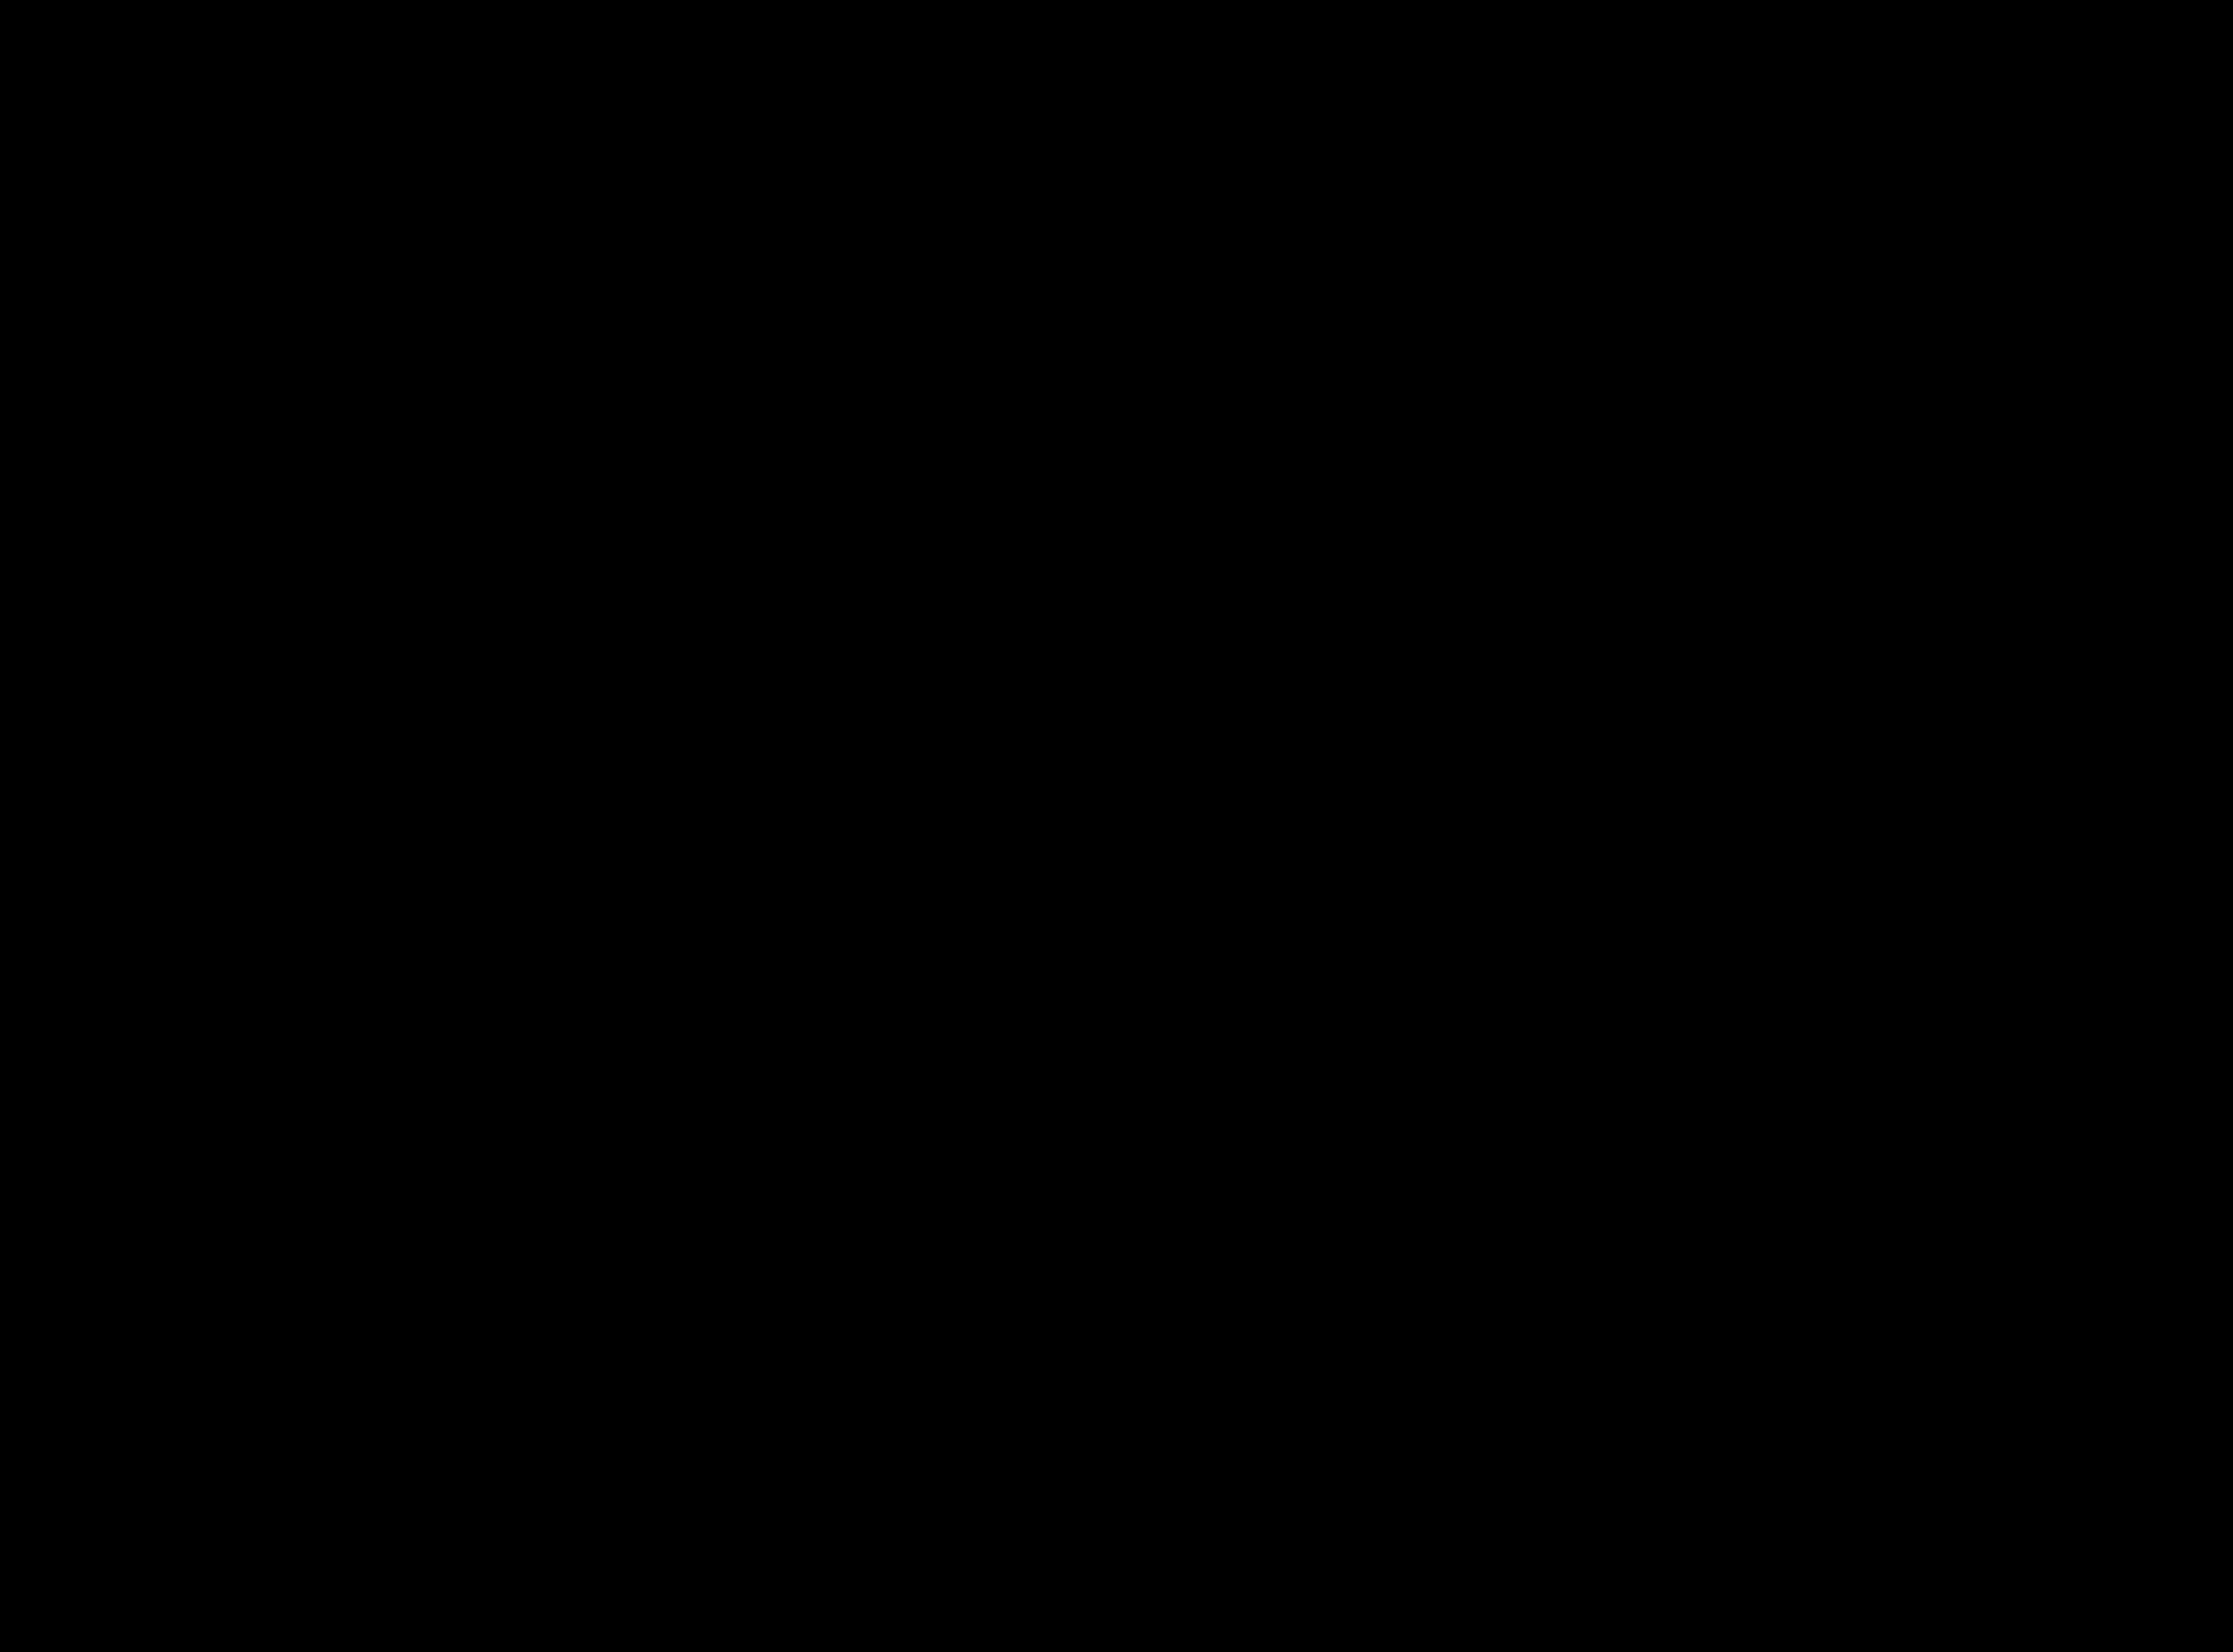 pot-plant-silhouette-5.png